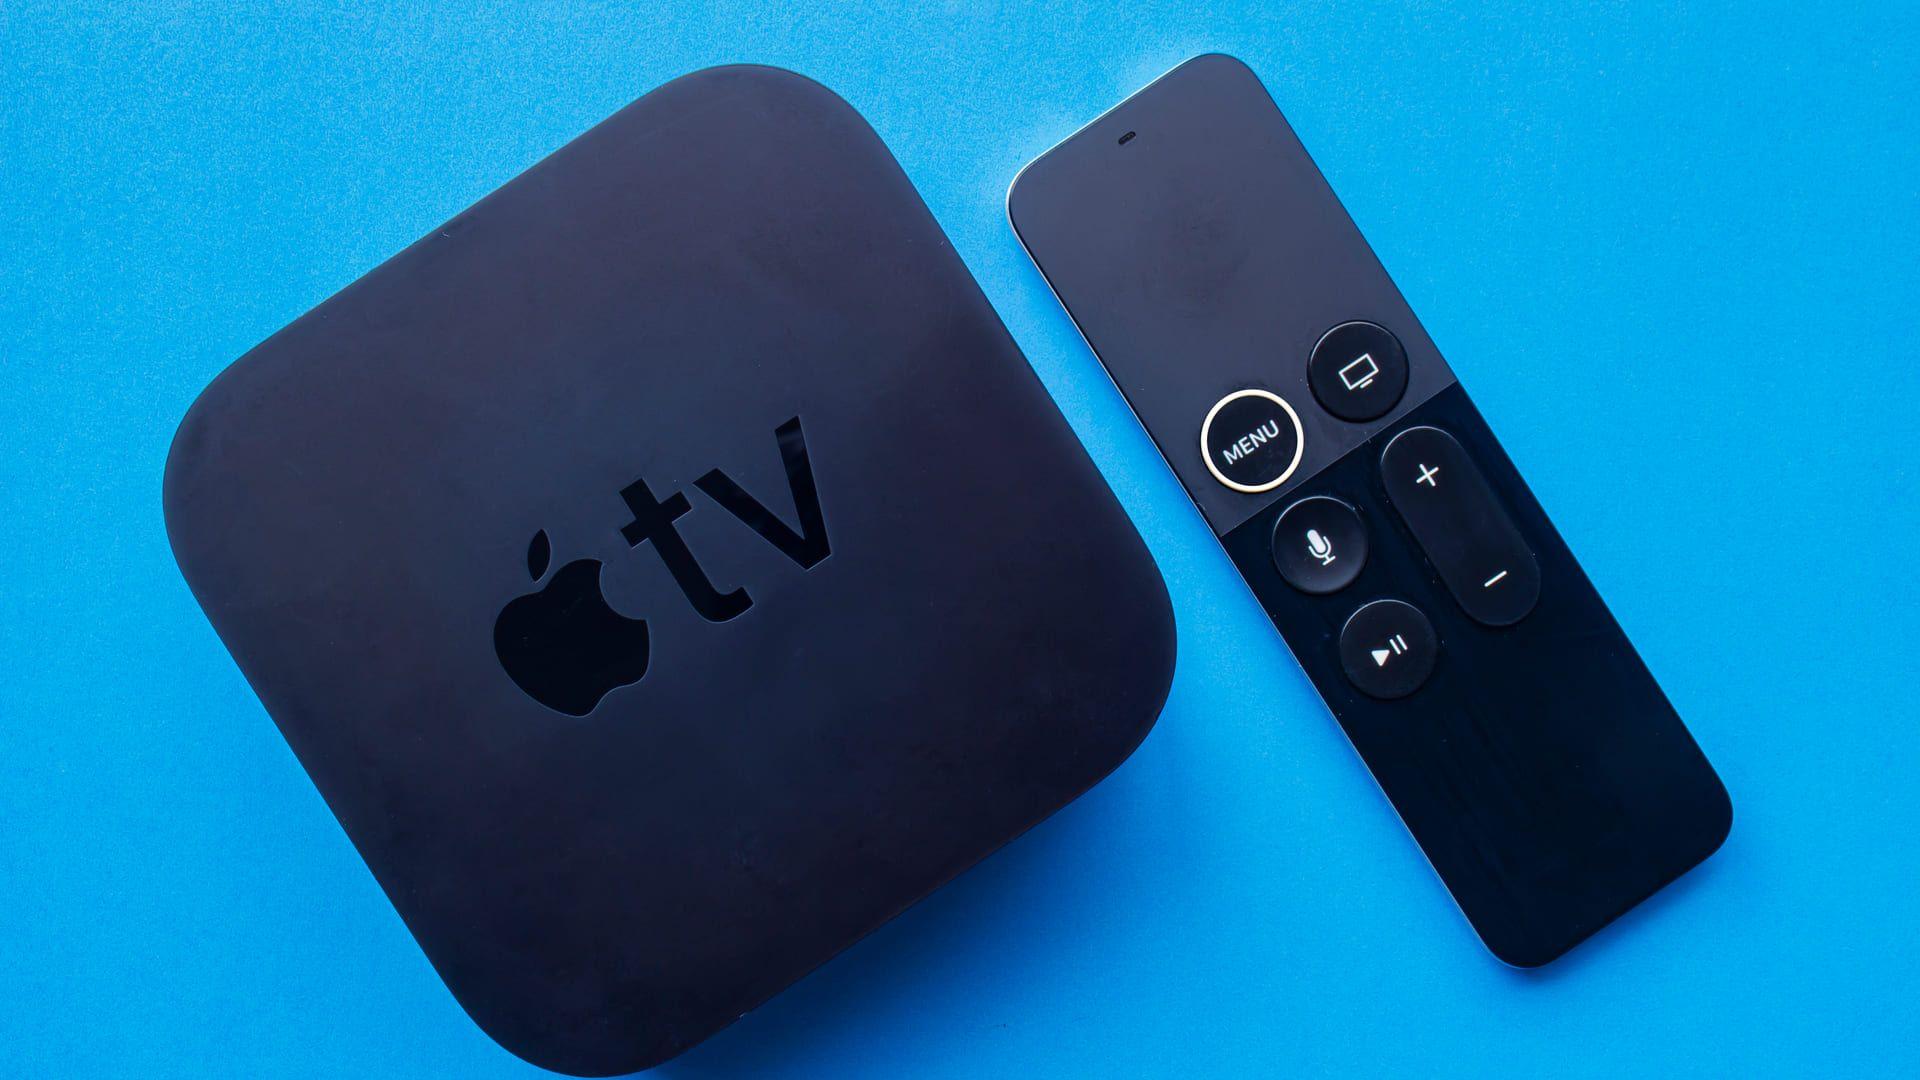 Saiba como colocar canal fechado no TV Box! (Imagem: Reprodução/Shutterstock)